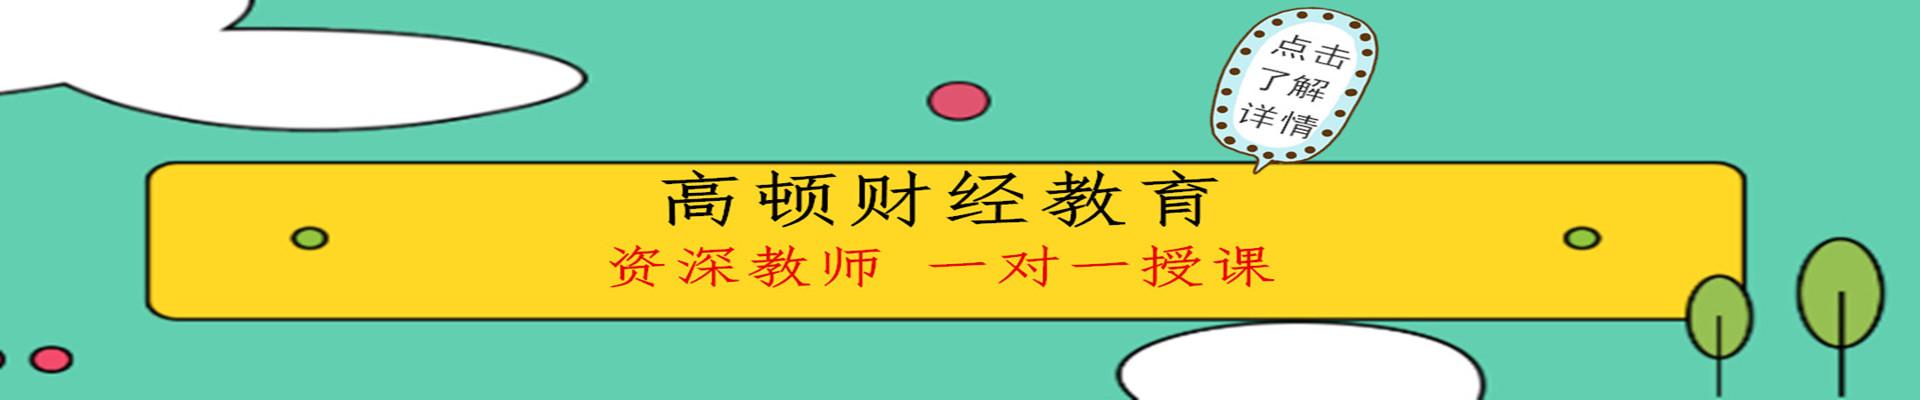 辽宁沈阳高顿财经教育学校